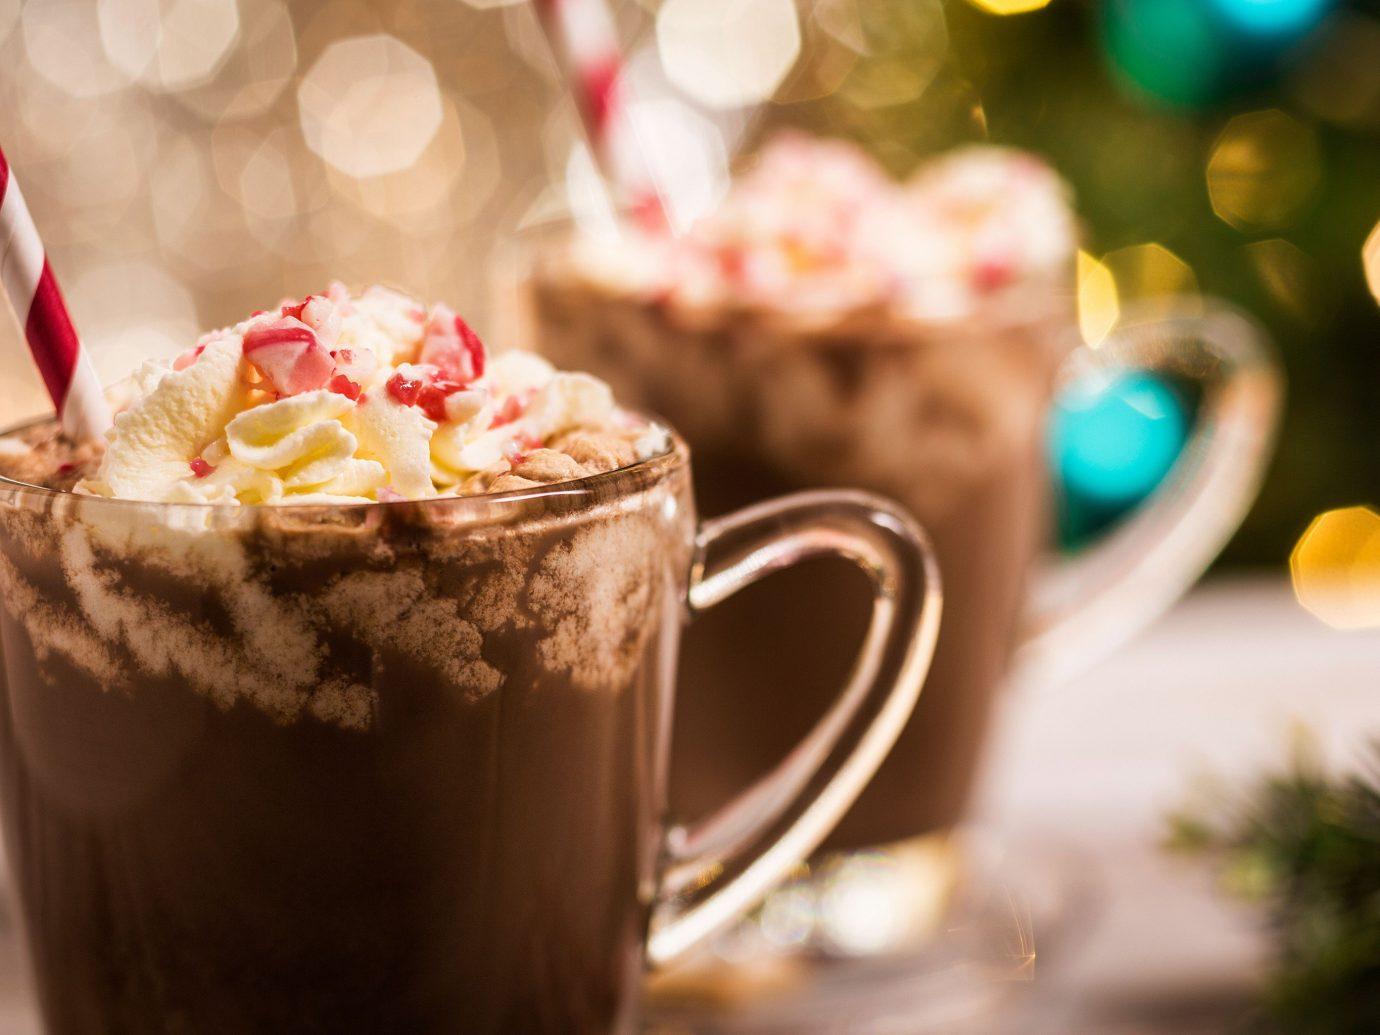 Food + Drink cup coffee table food beverage Drink dessert sweetness flavor meal